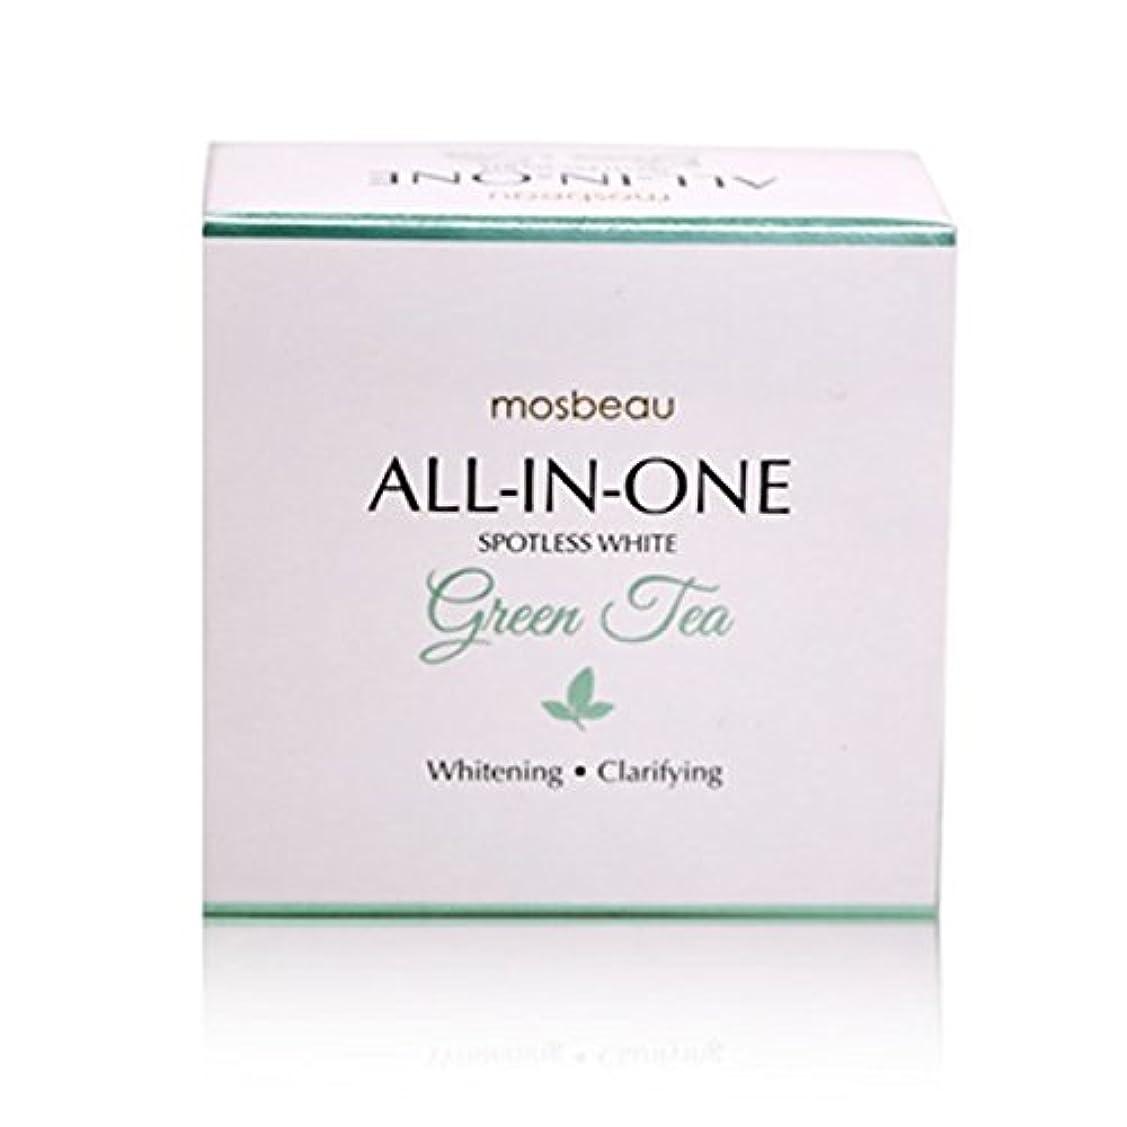 小道健康的見通しmosbeau Spotless White GREEN TEA Facial Soap 100g モスビュー スポットレス ホワイト グリーンティー フェイシャル ソープ